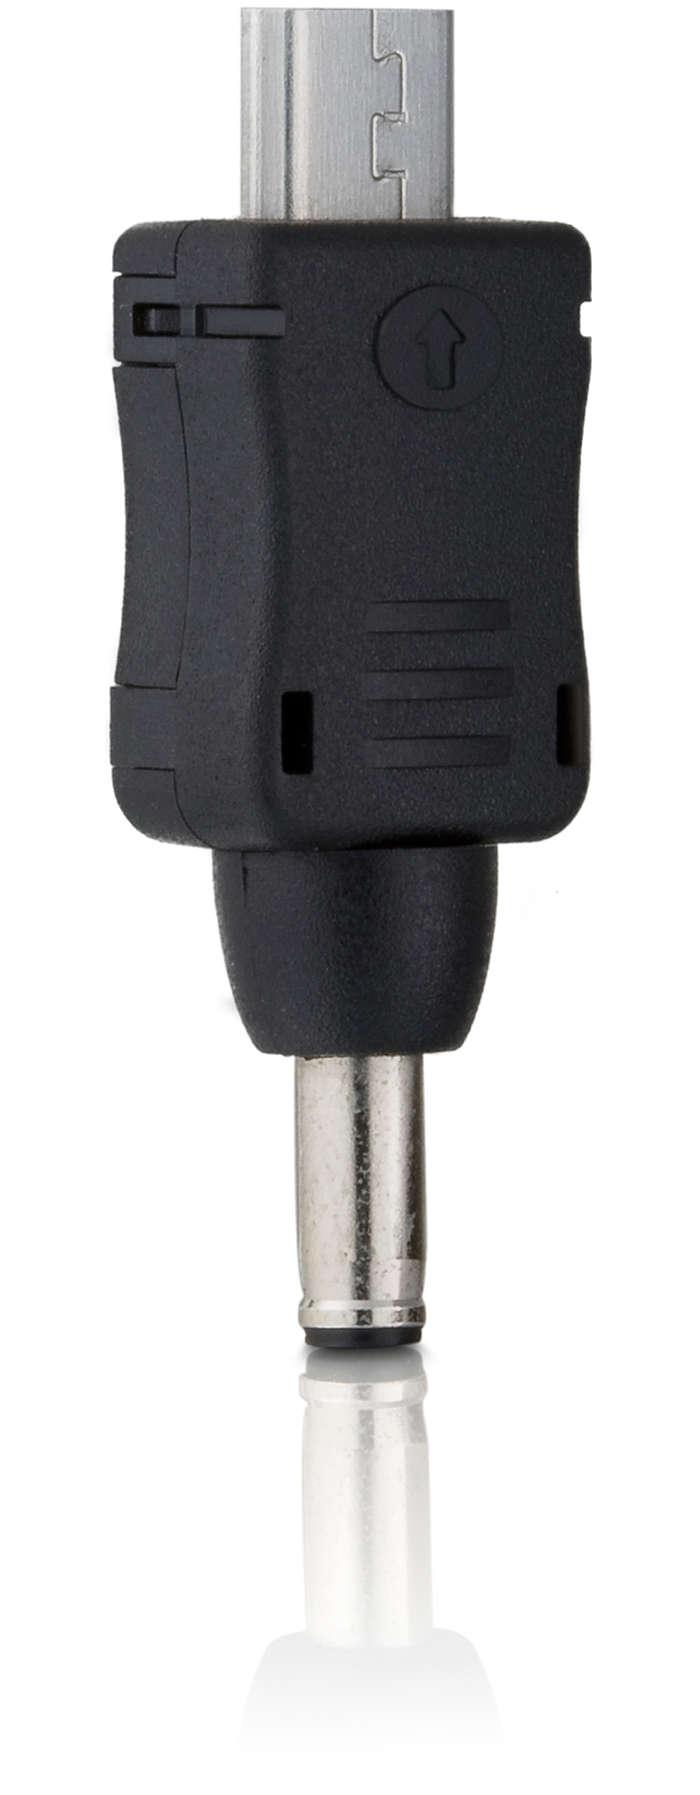 Anschlussstecker für Telefone mit Micro-USB-Anschluss